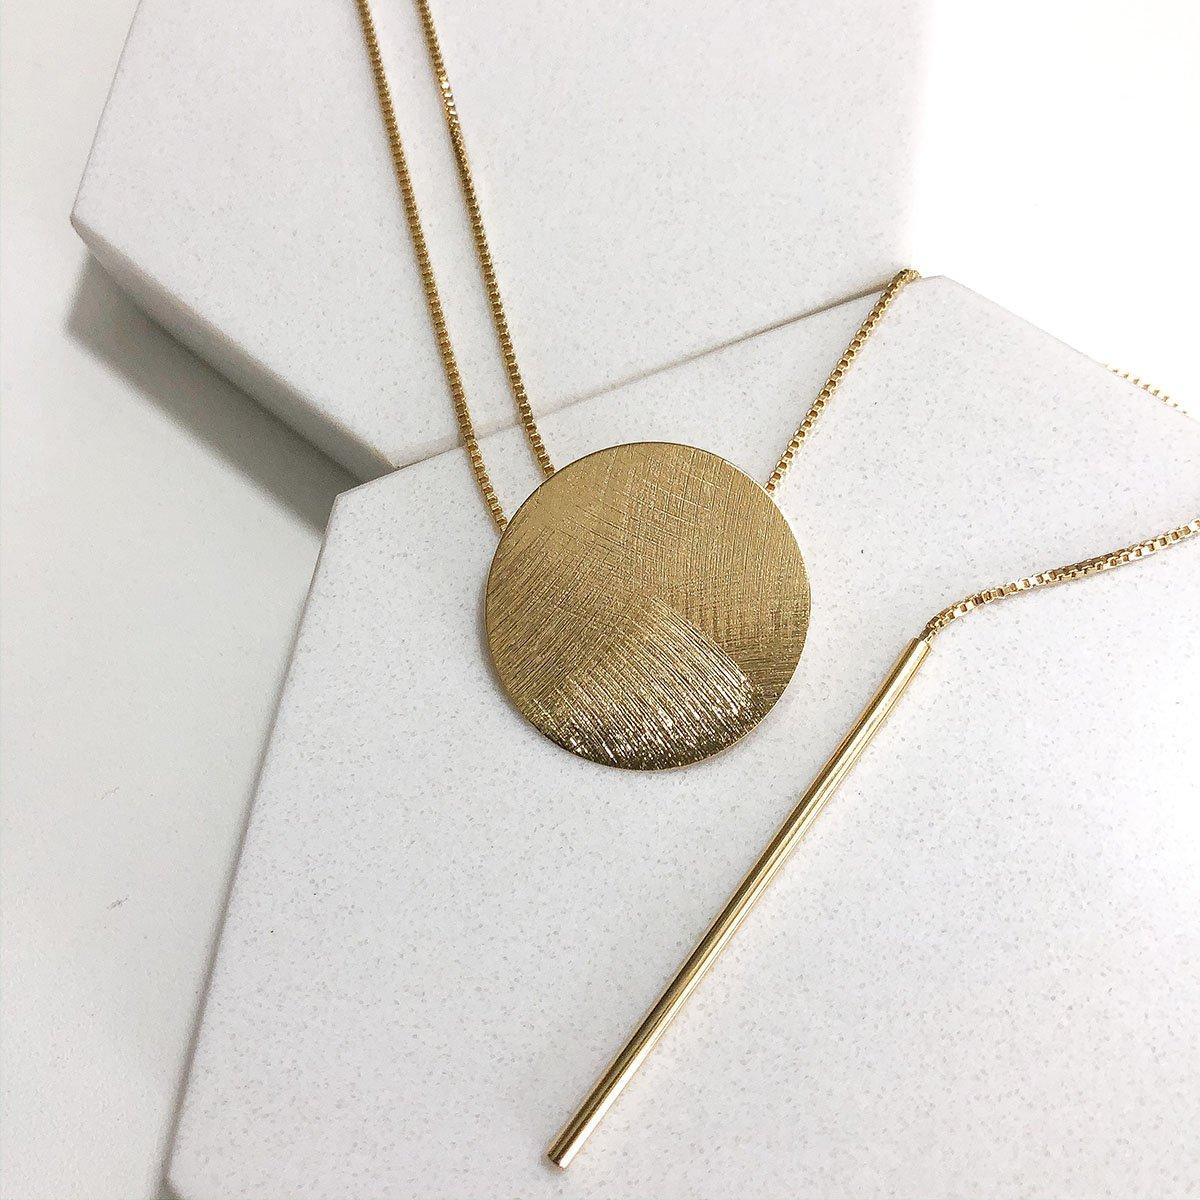 Colar Banhado a Ouro 18k Longo com Pingente Círculo E Pêndulo Fio